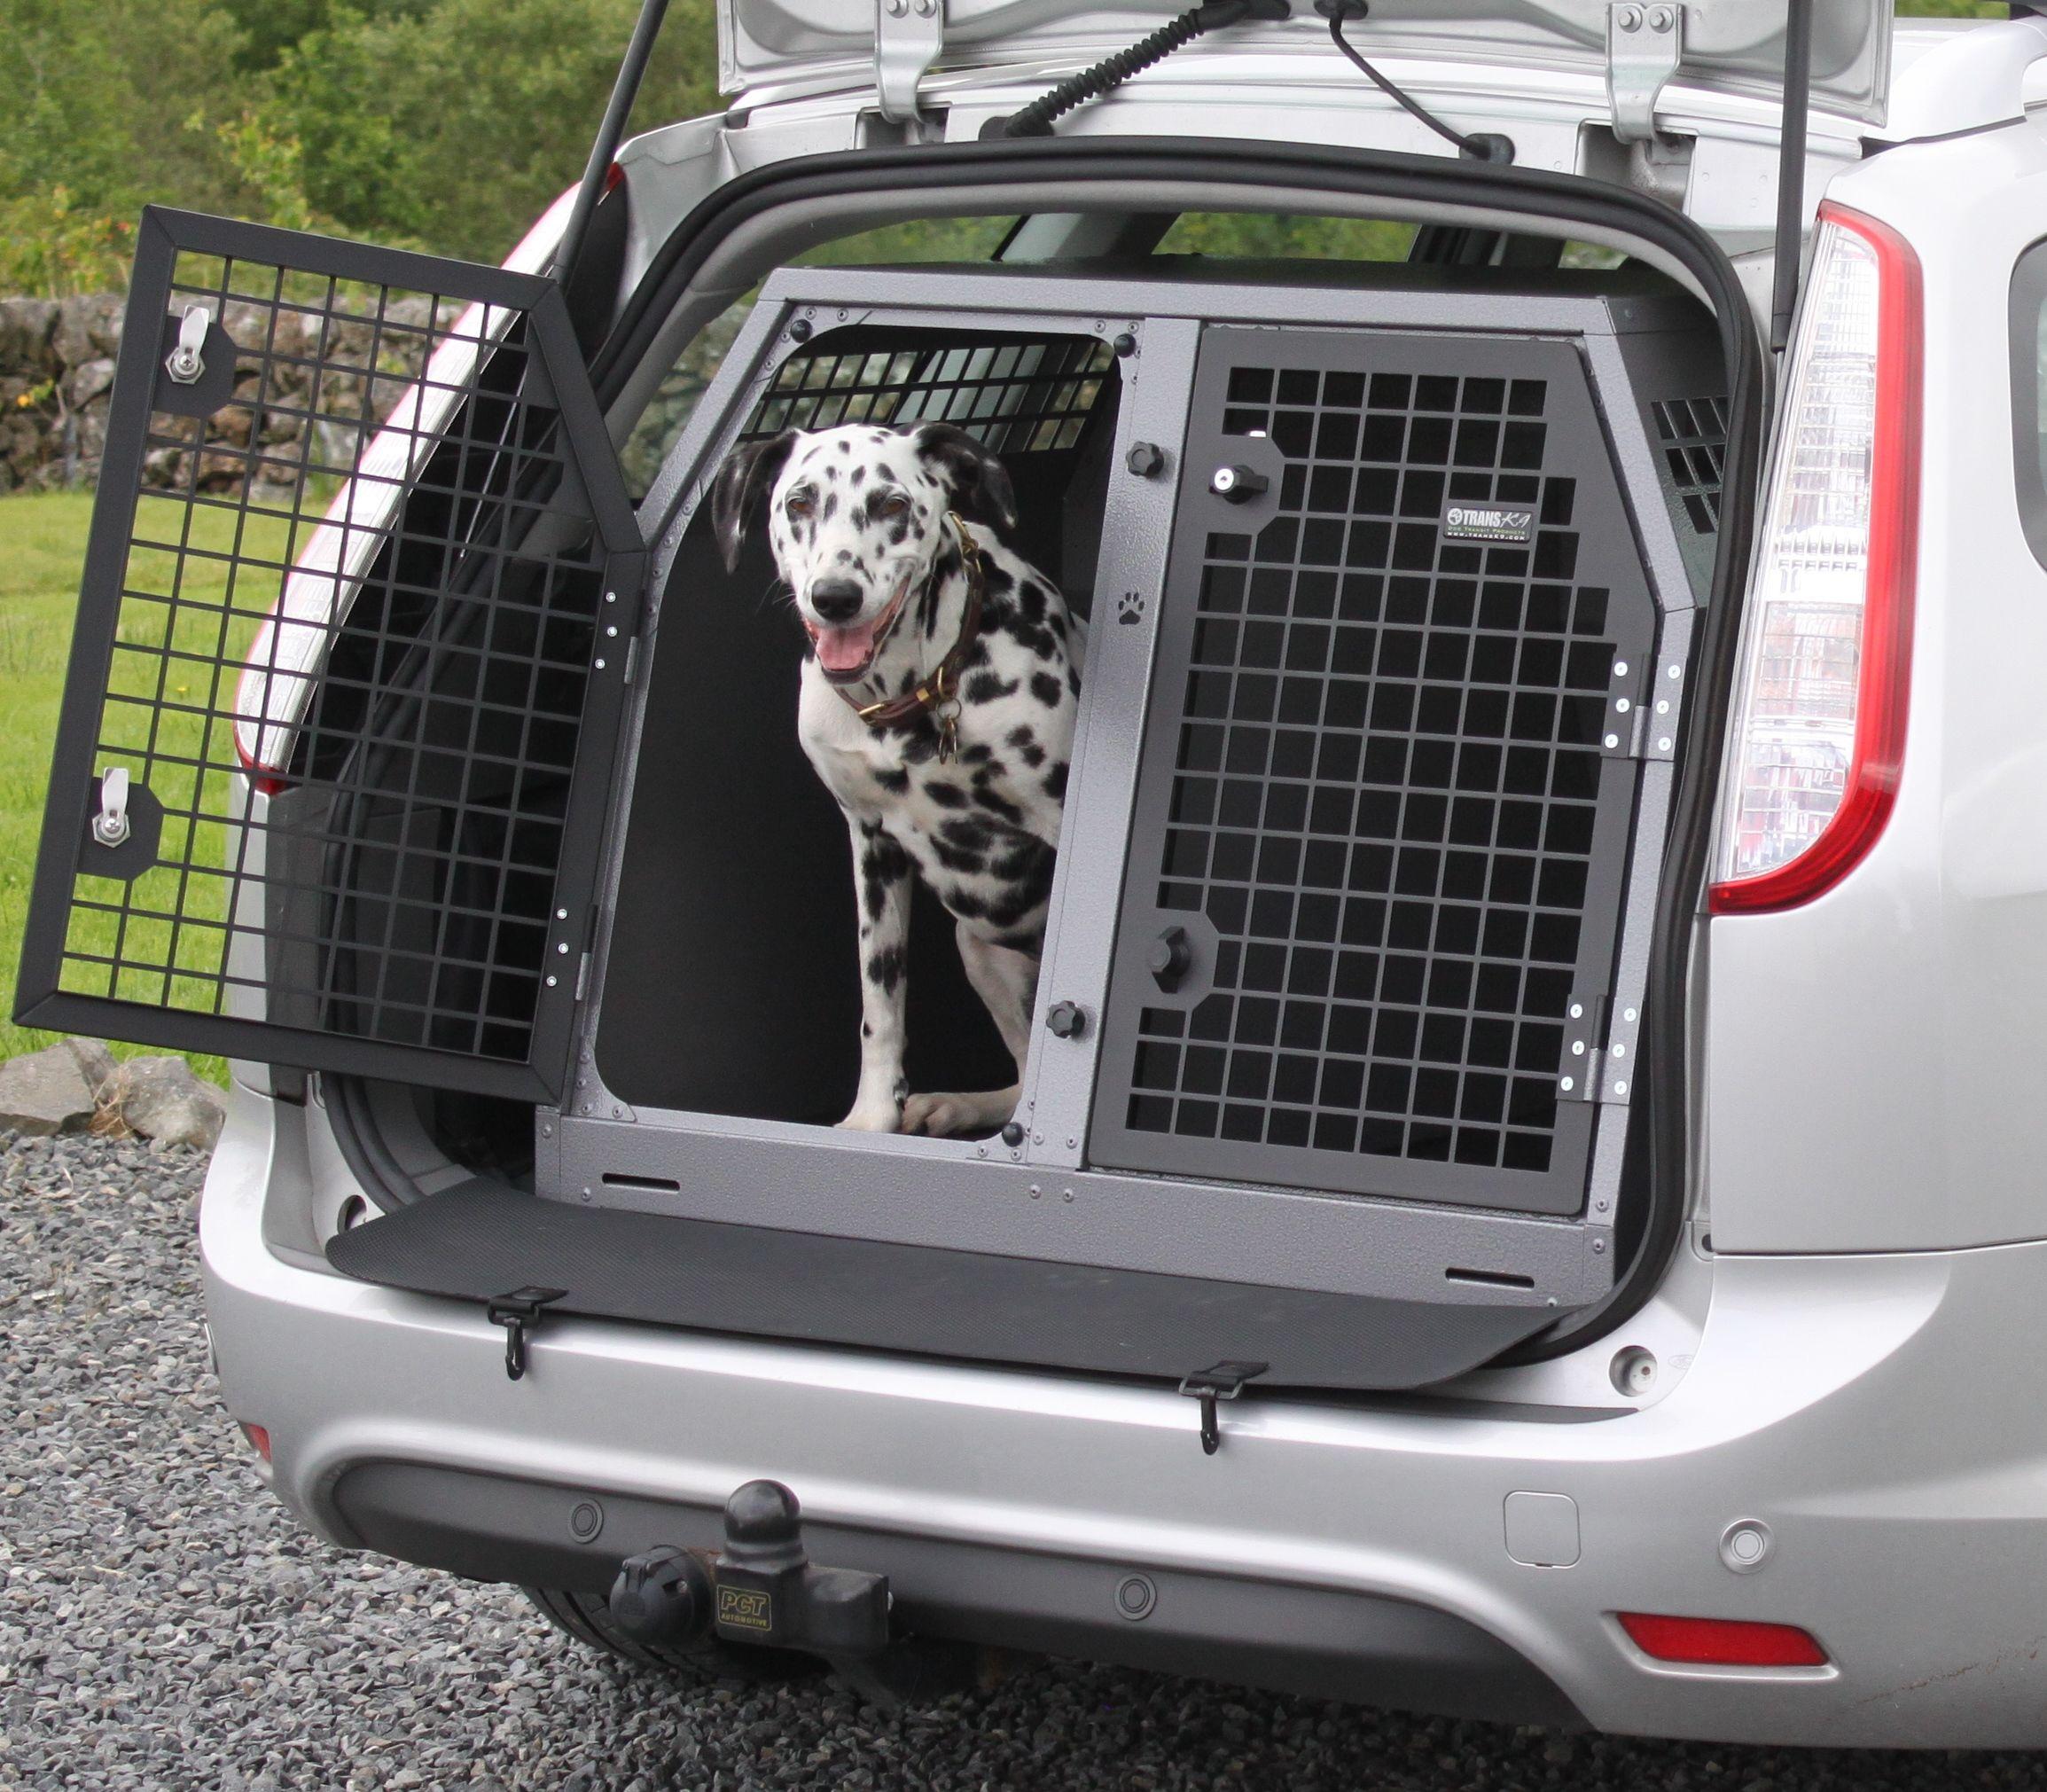 TransK9 B19 Ford Focus Estate Dog Transport Box #dogcage #dogcrate #dogbox #dalmation transport your dog safely! www.transk9.com